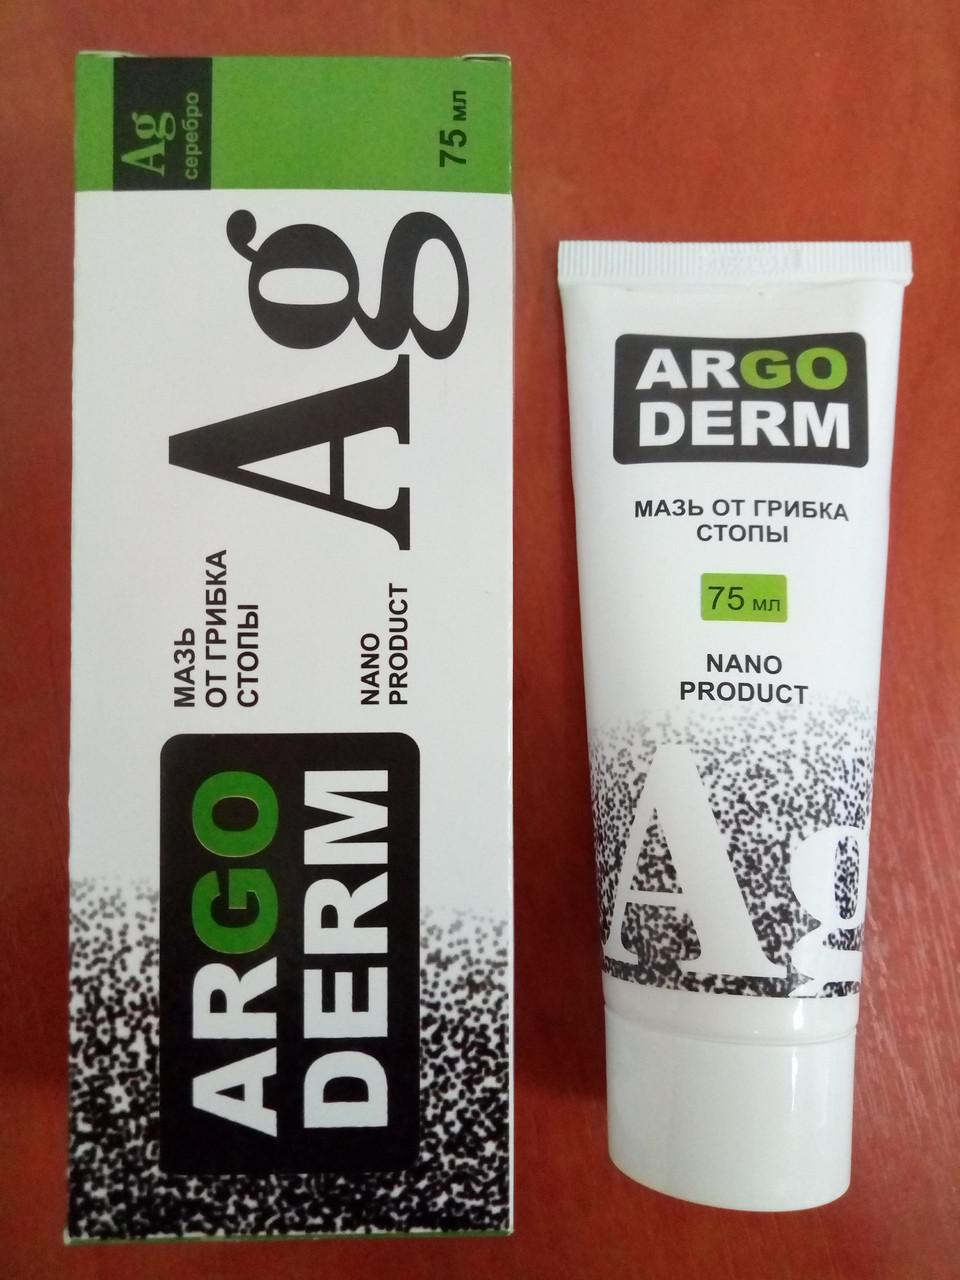 ArgoDerm - Мазь от грибка и трещин стопы (АргоДерм) 75 мл